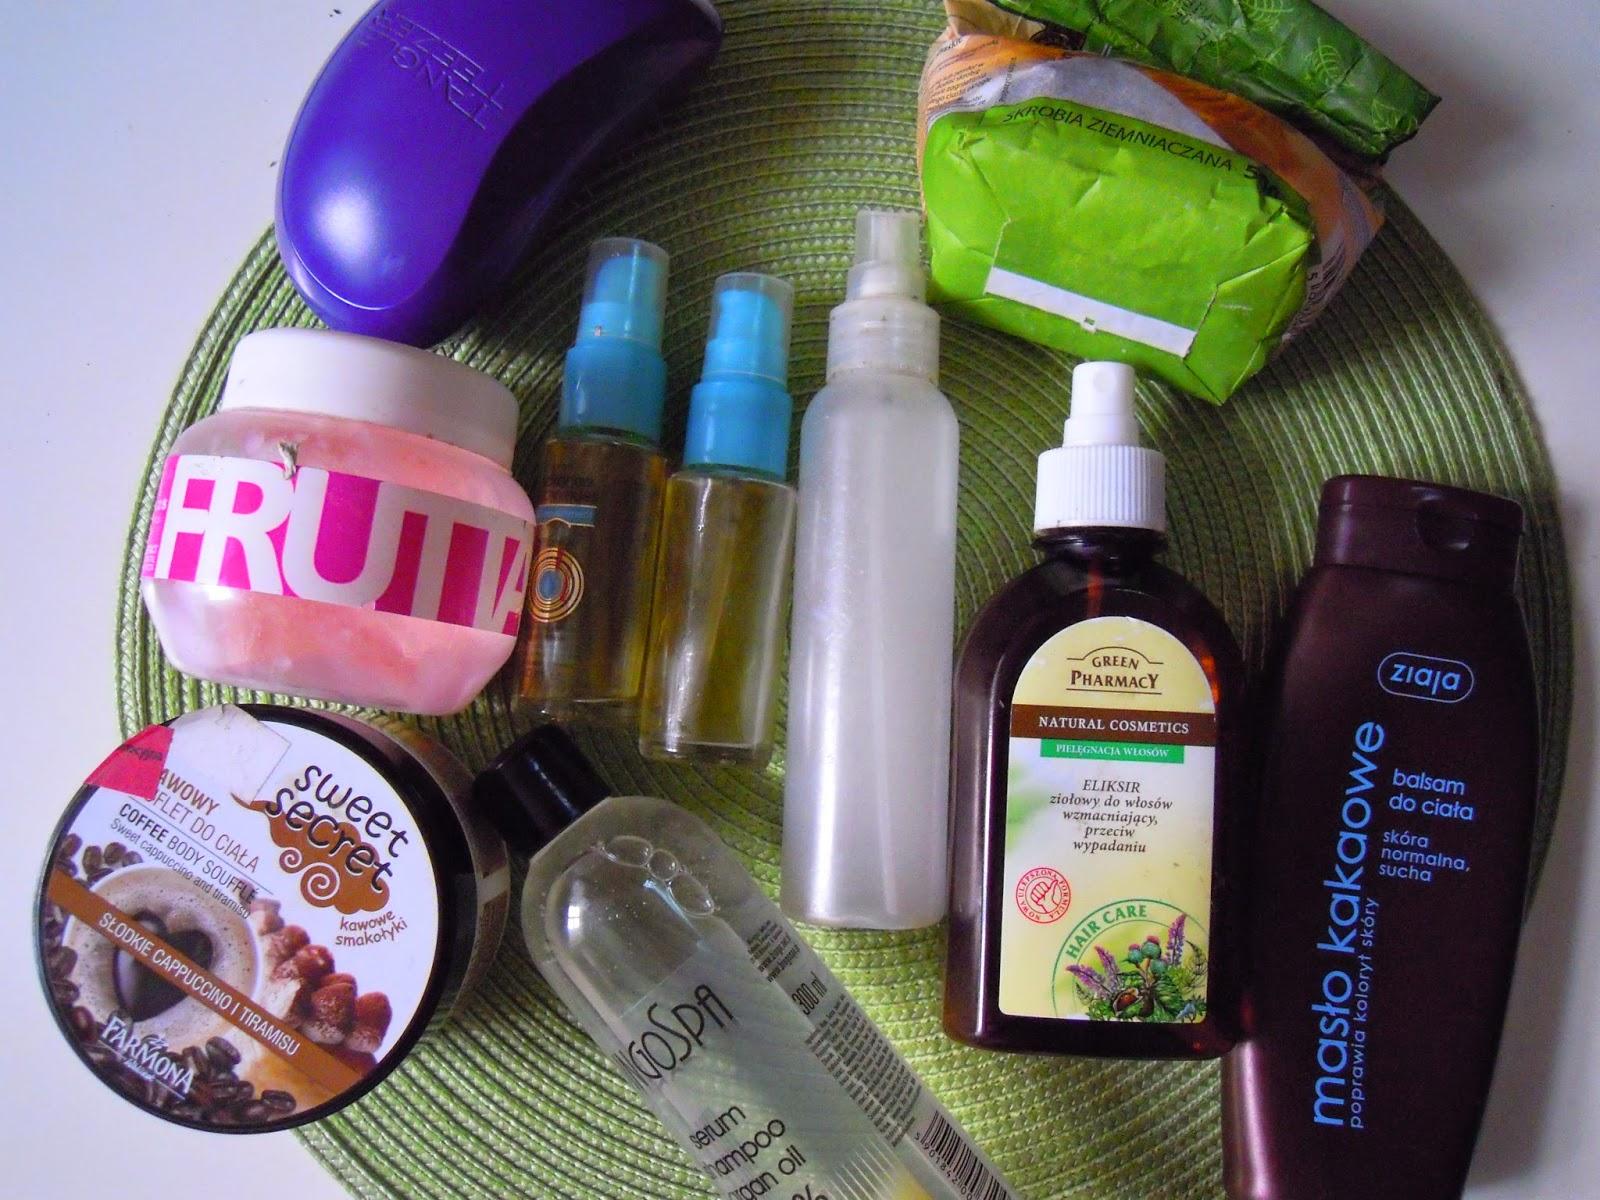 Niedziela dla włosów 8.09 czyli krem + oliwa + skrobia